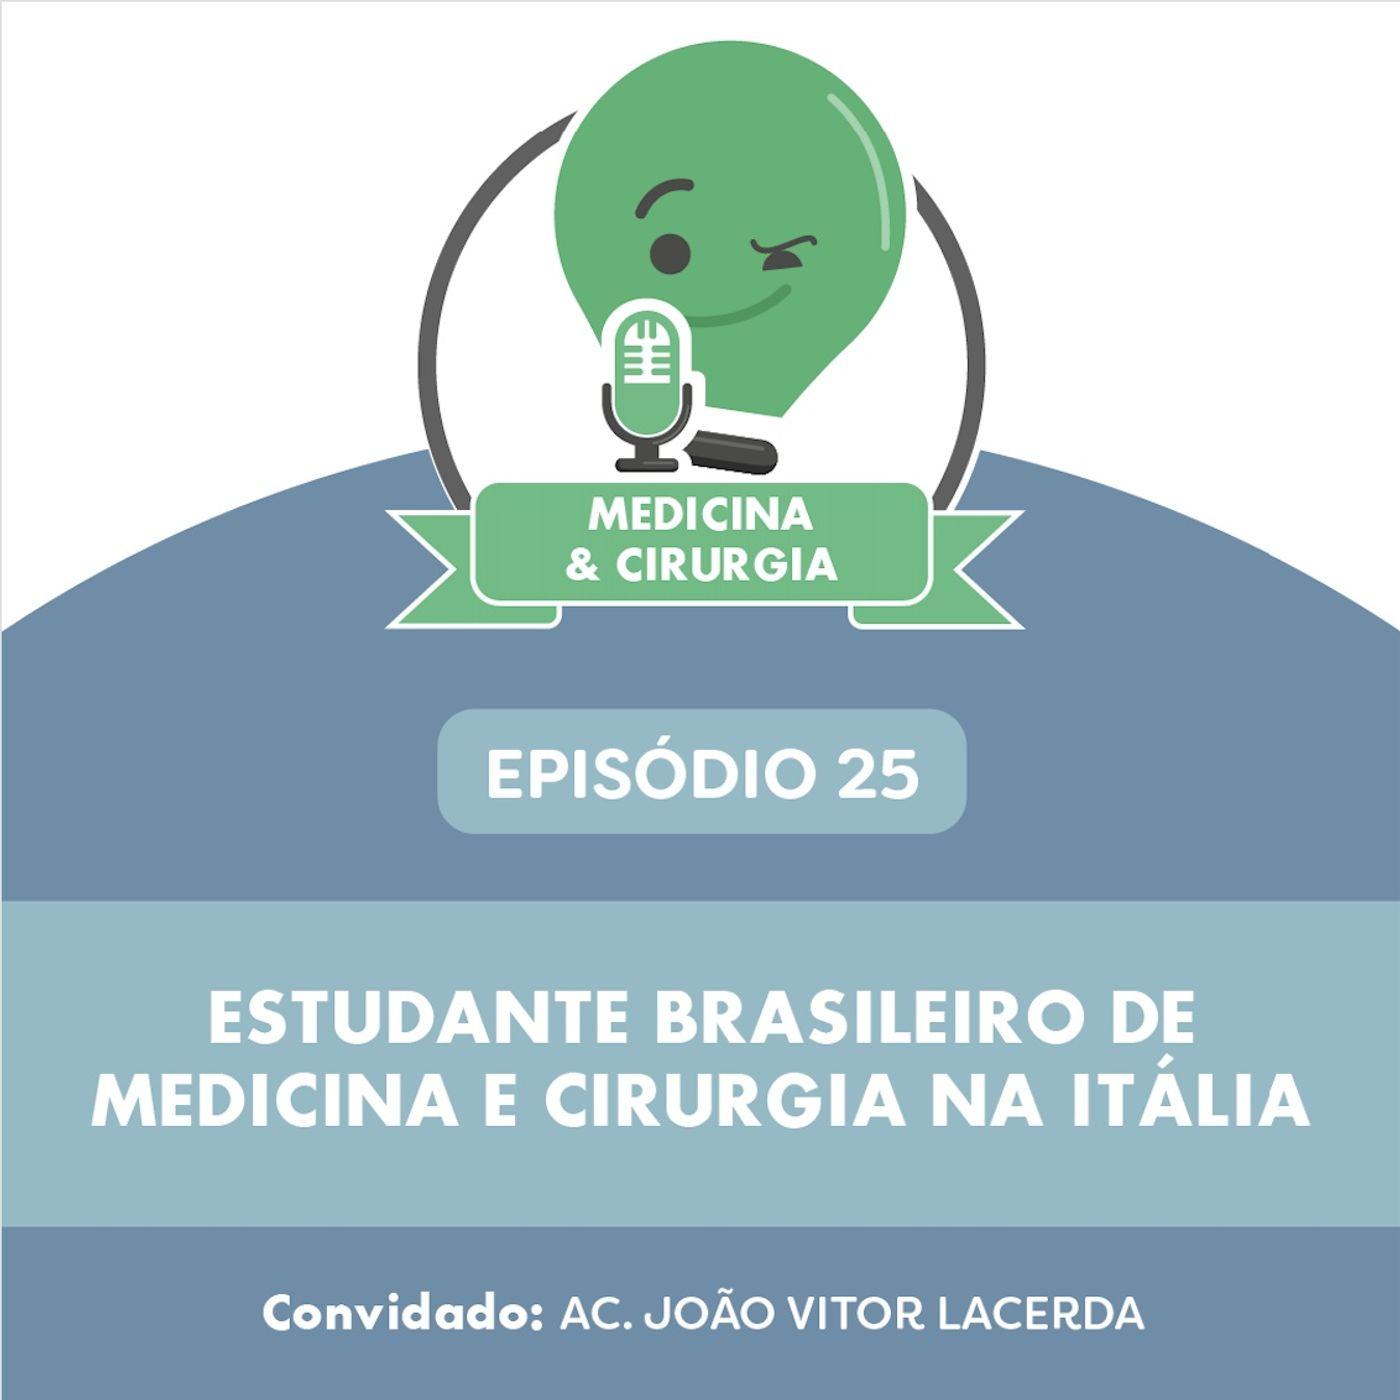 25 - Estudante brasileiro de medicina e cirurgia na Itália